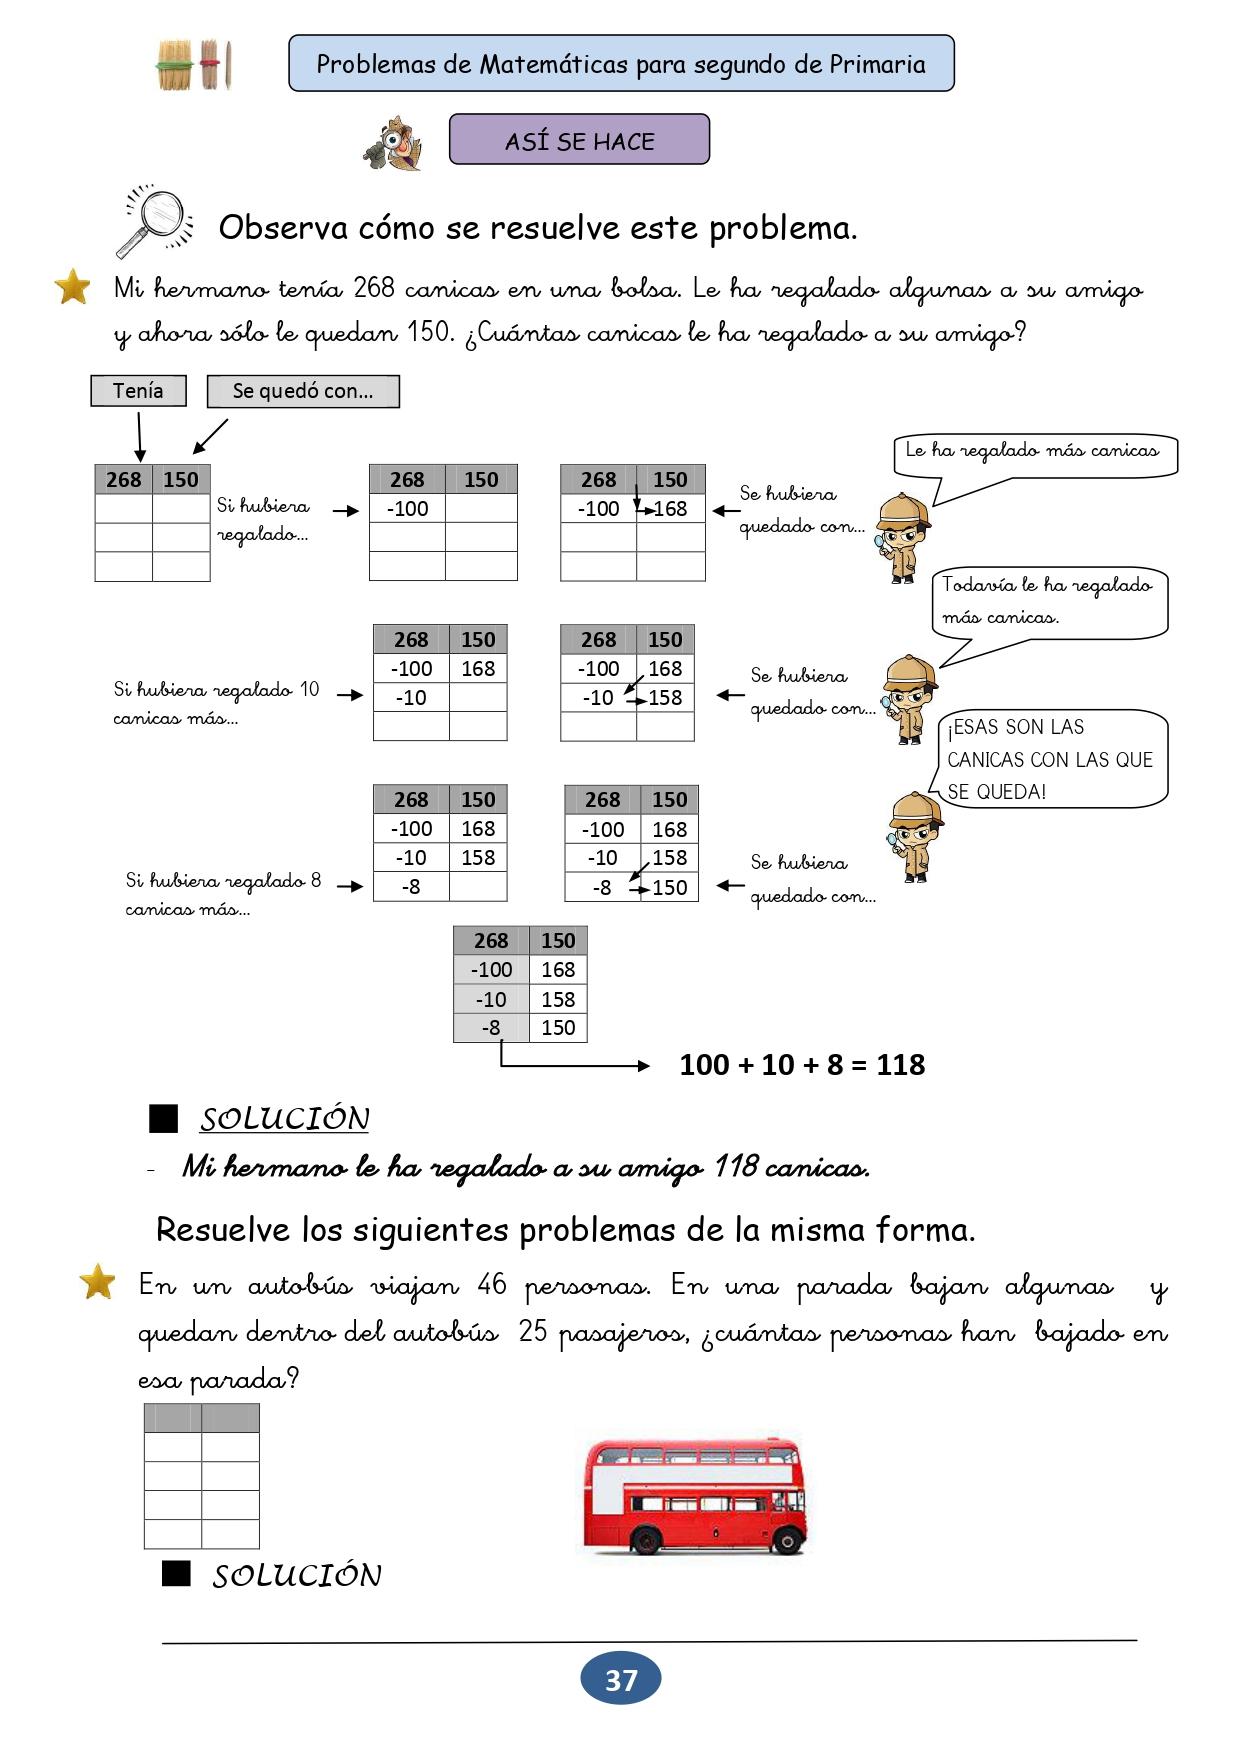 Ejercicios-De-Matem-ticas-Para-Segundo-Grado-De-Primaria-Pdf-37